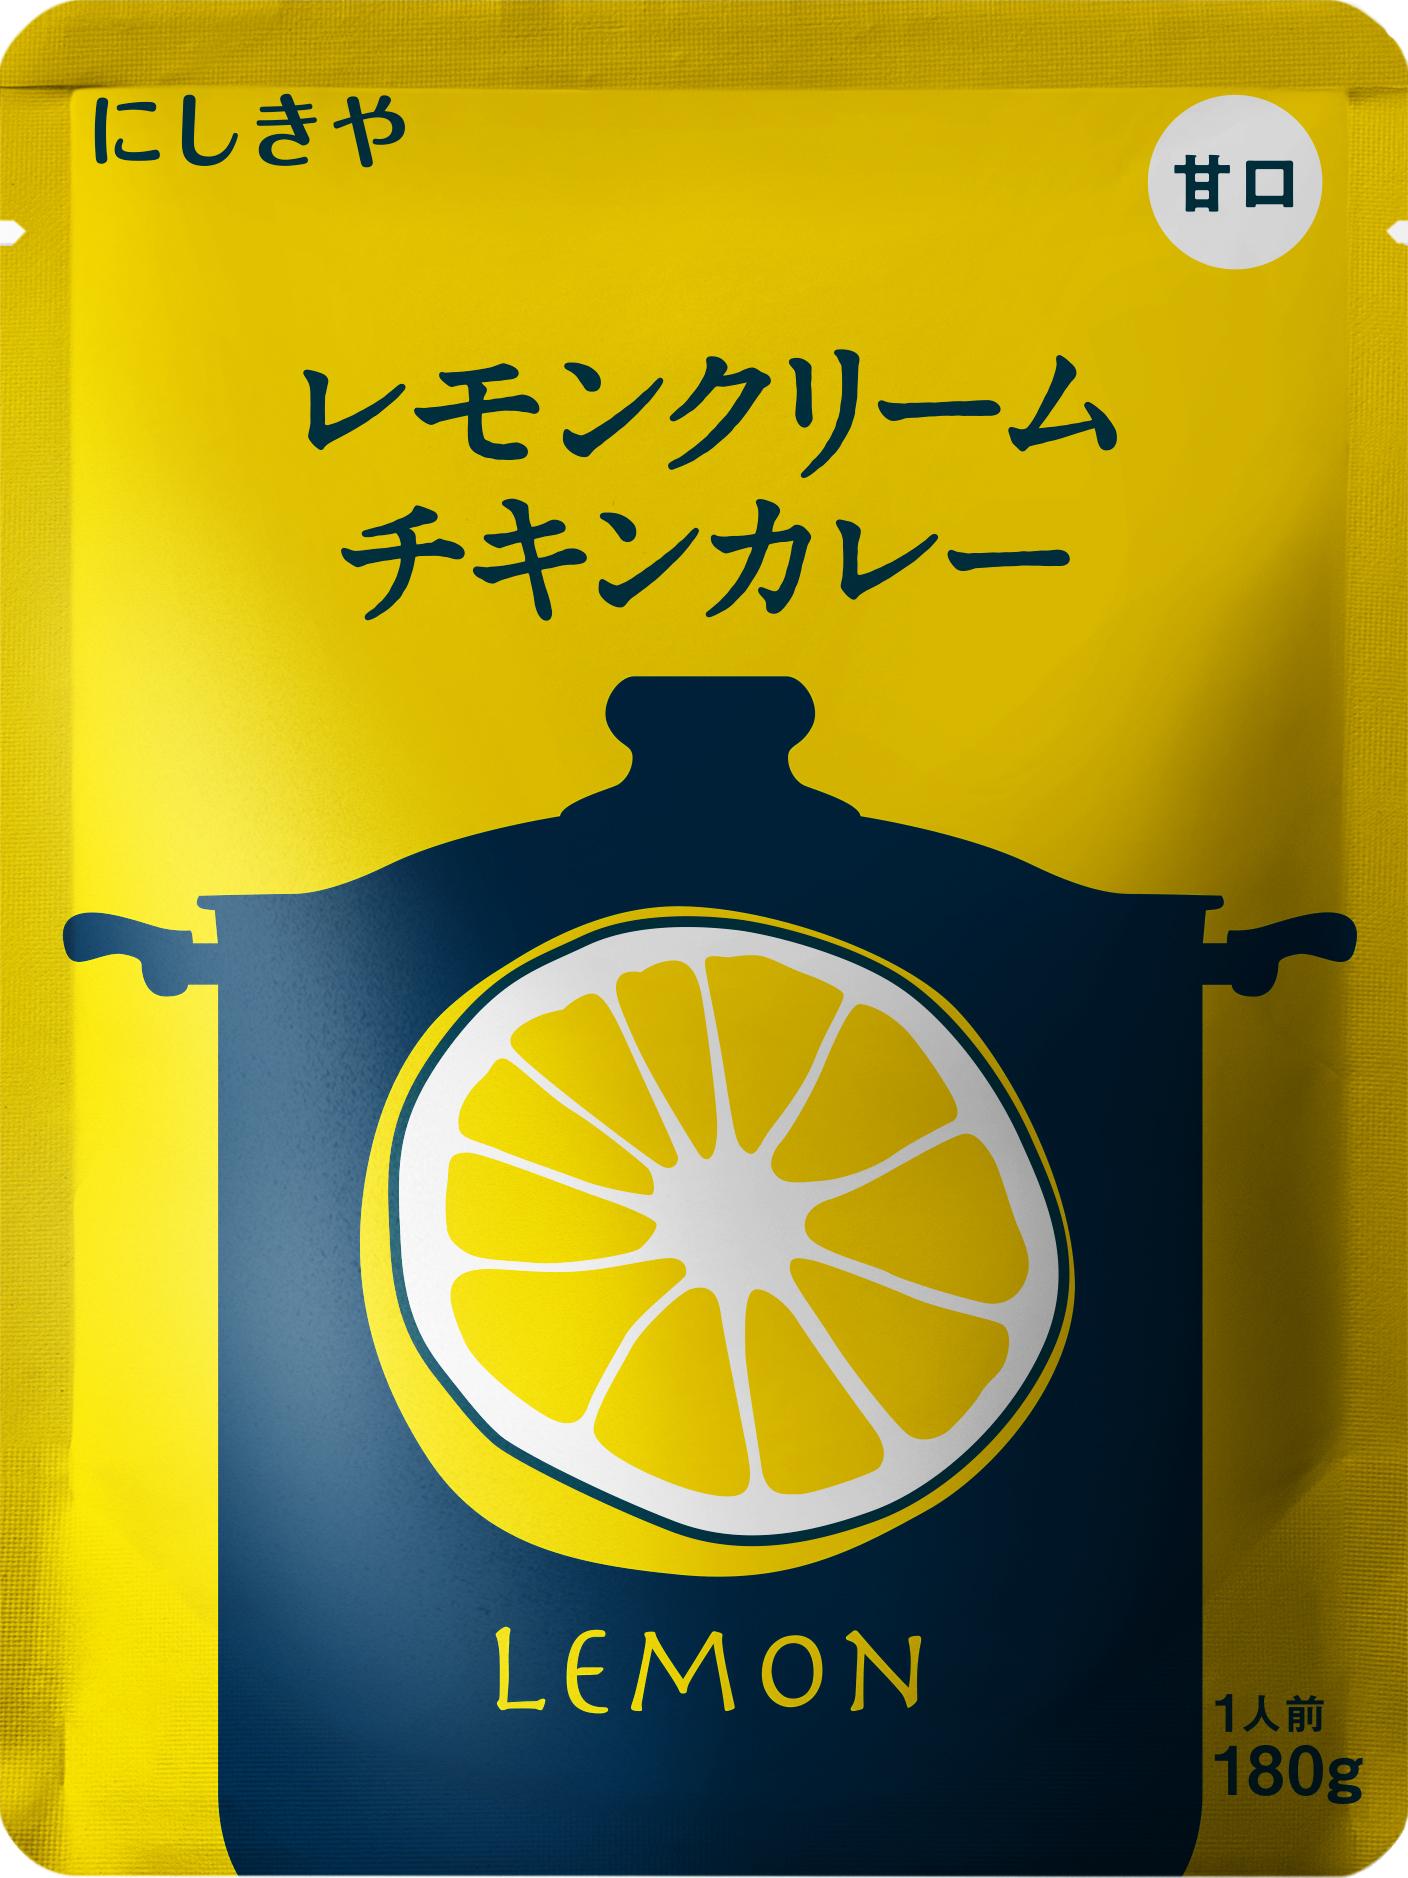 レモンクリームチキンカレー *化学調味料・保存料・着色料不使用レトルト*